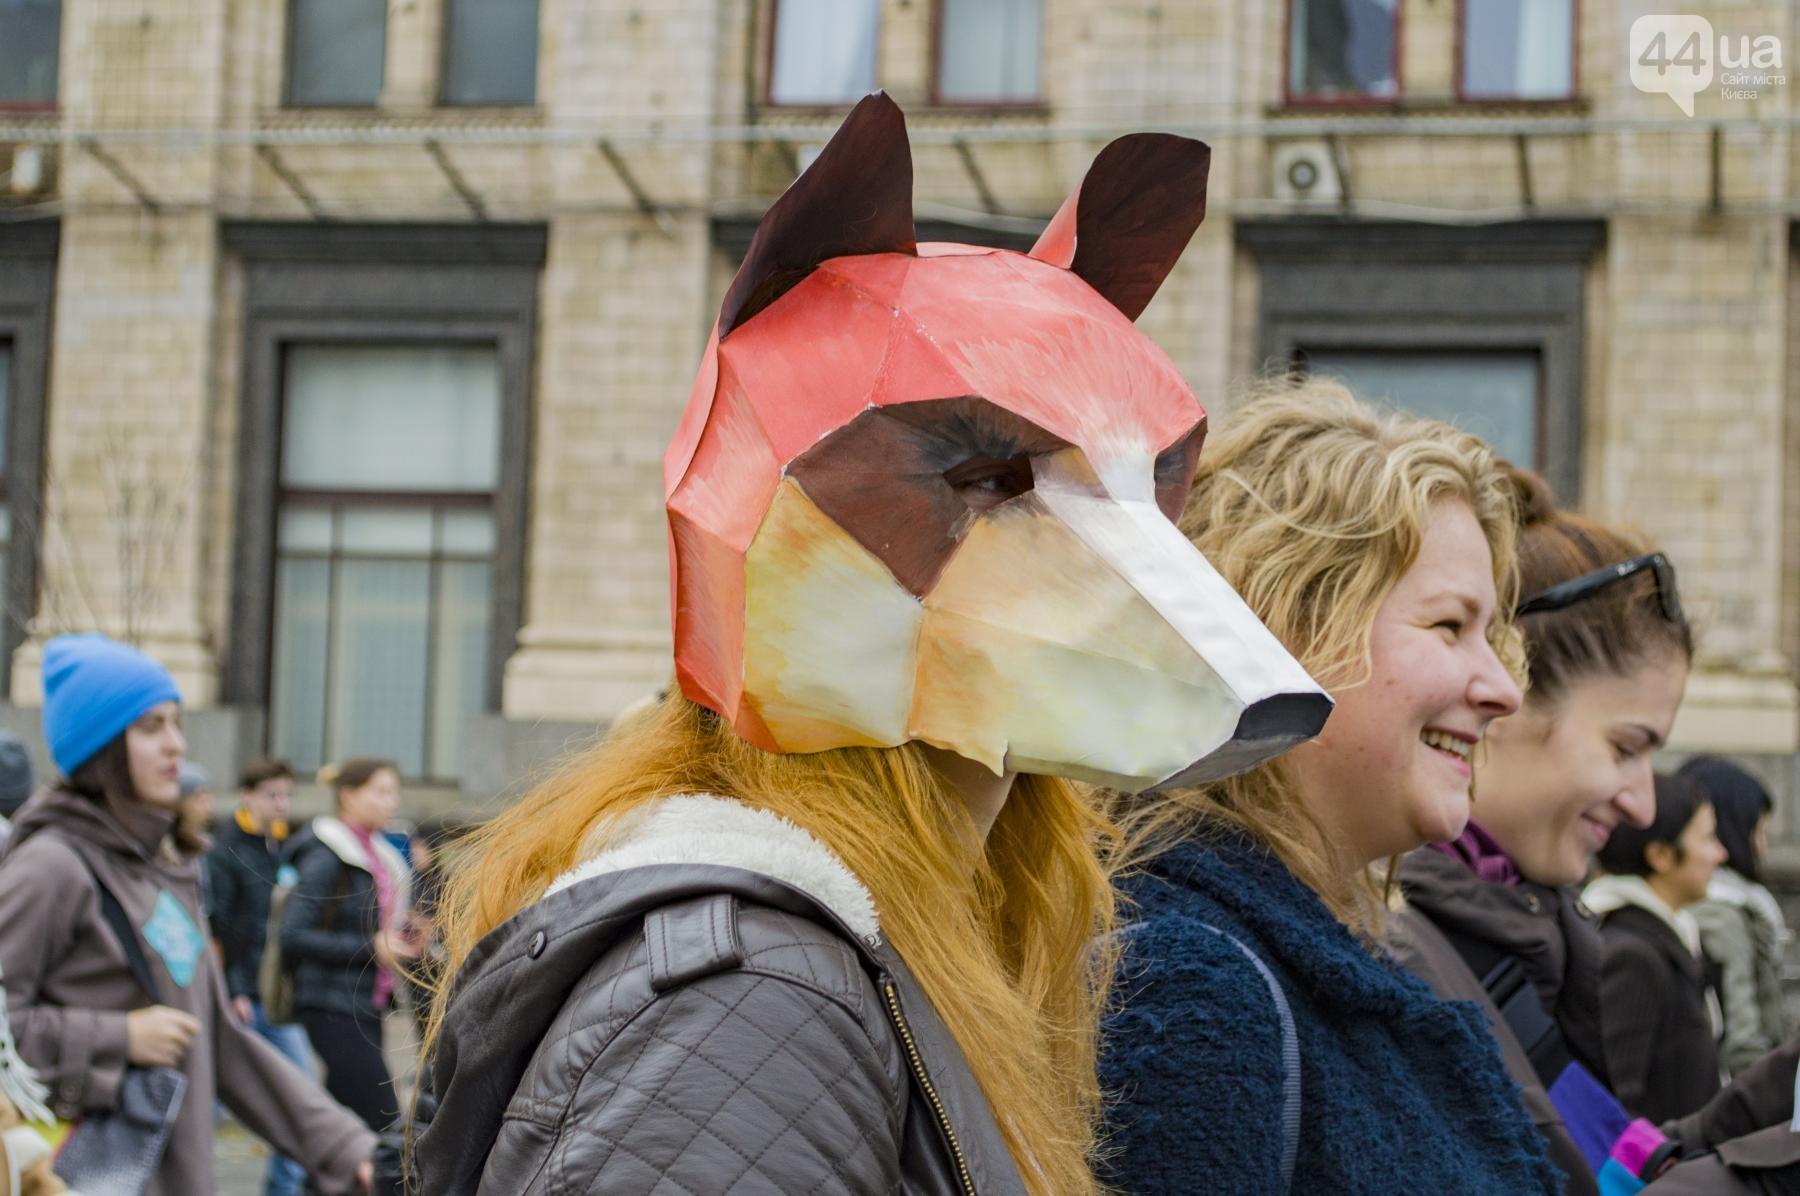 Зоозащитники митингуют! В Киеве прошел ежегодный марш за права животных: вот как всё было! рис 8